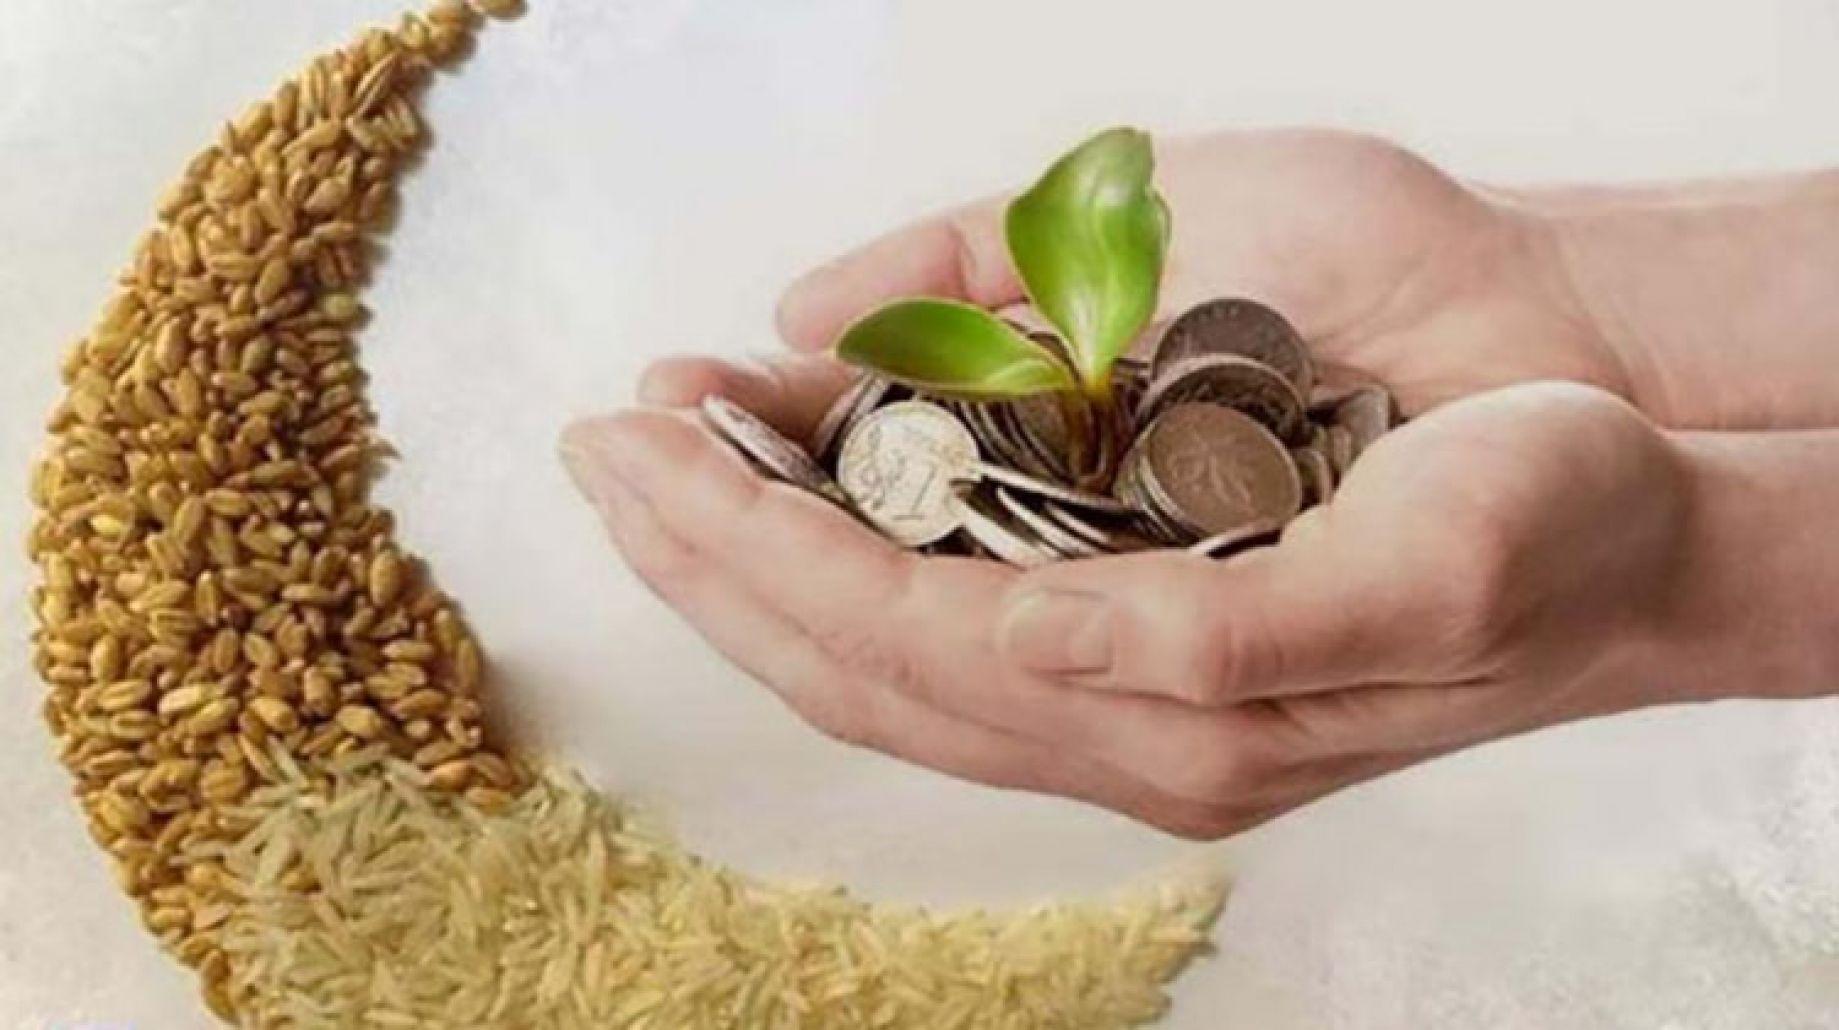 الحد الأدنى لزكاة الفطر هذا العام 15 جنيهًا.. ويجوز إخراجها نقدًا